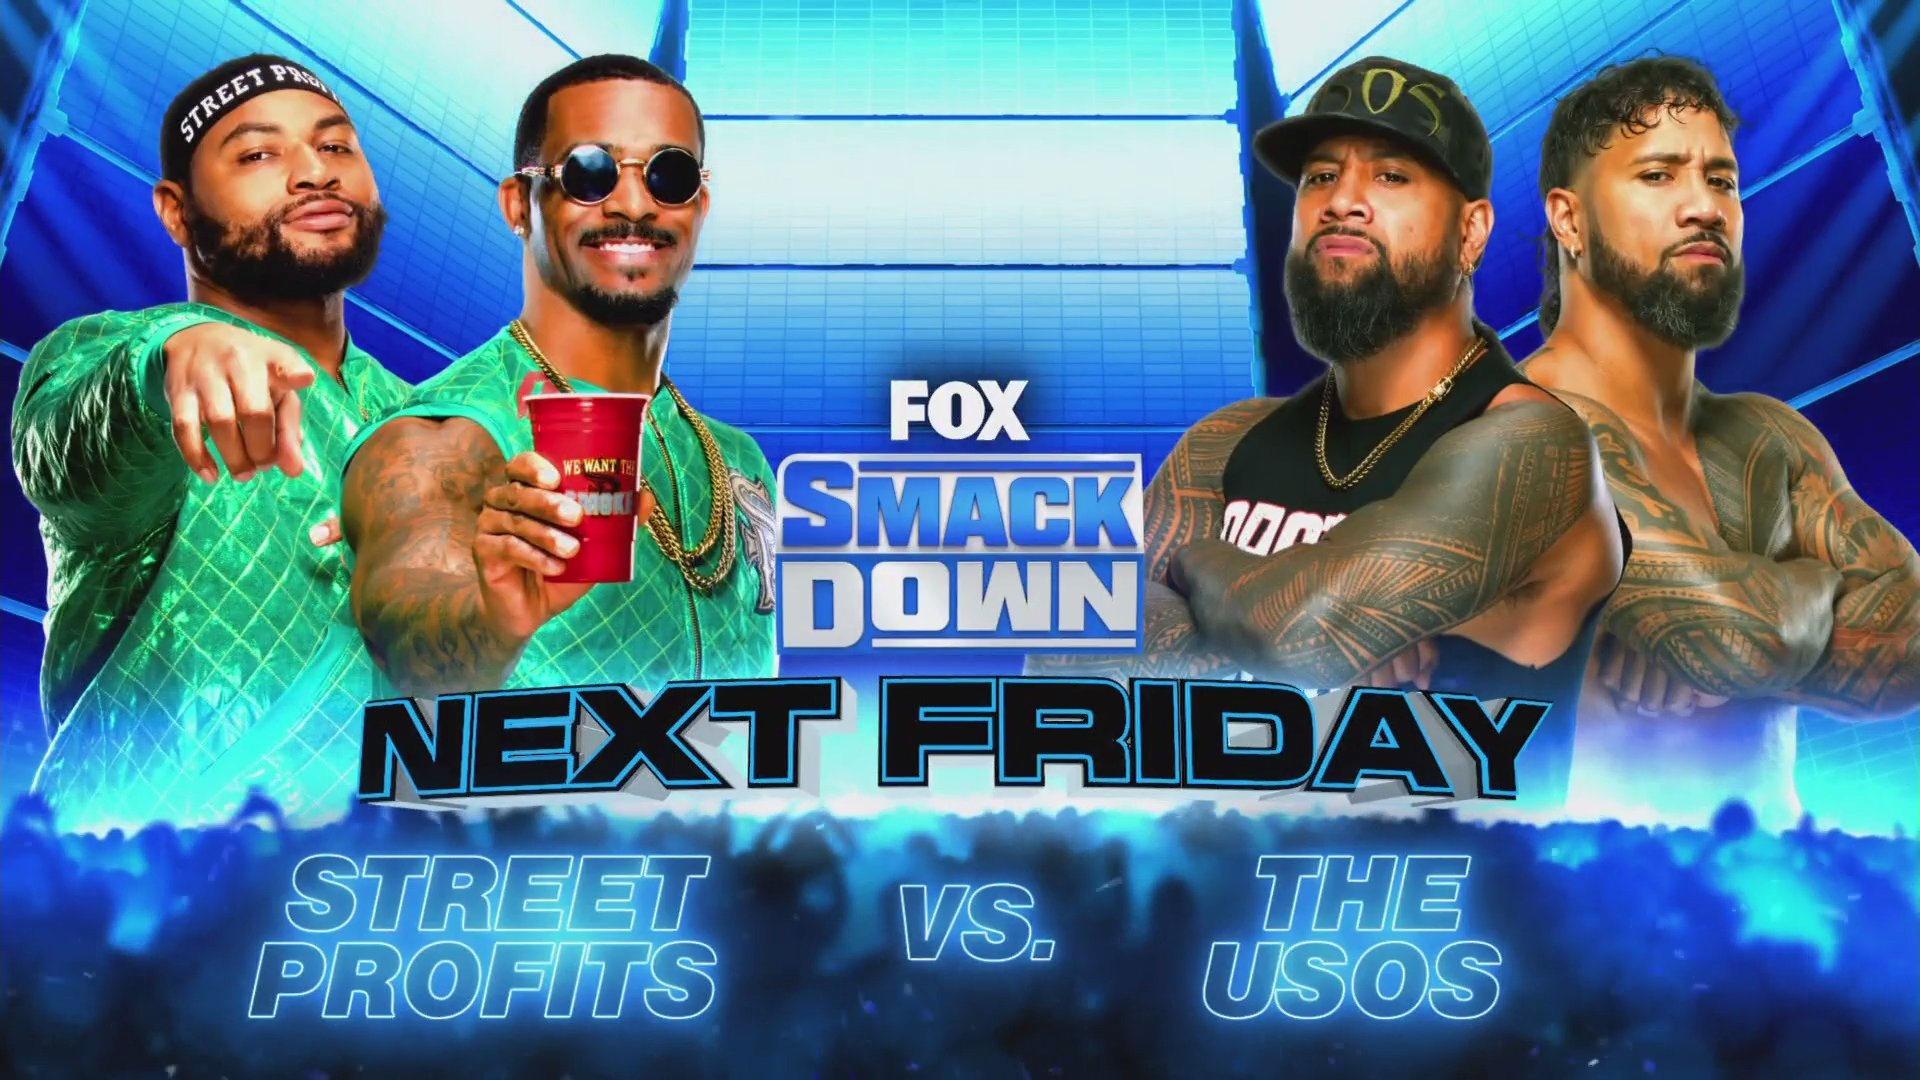 Grande combate de duplas é anunciado para o próximo Friday Night SmackDown